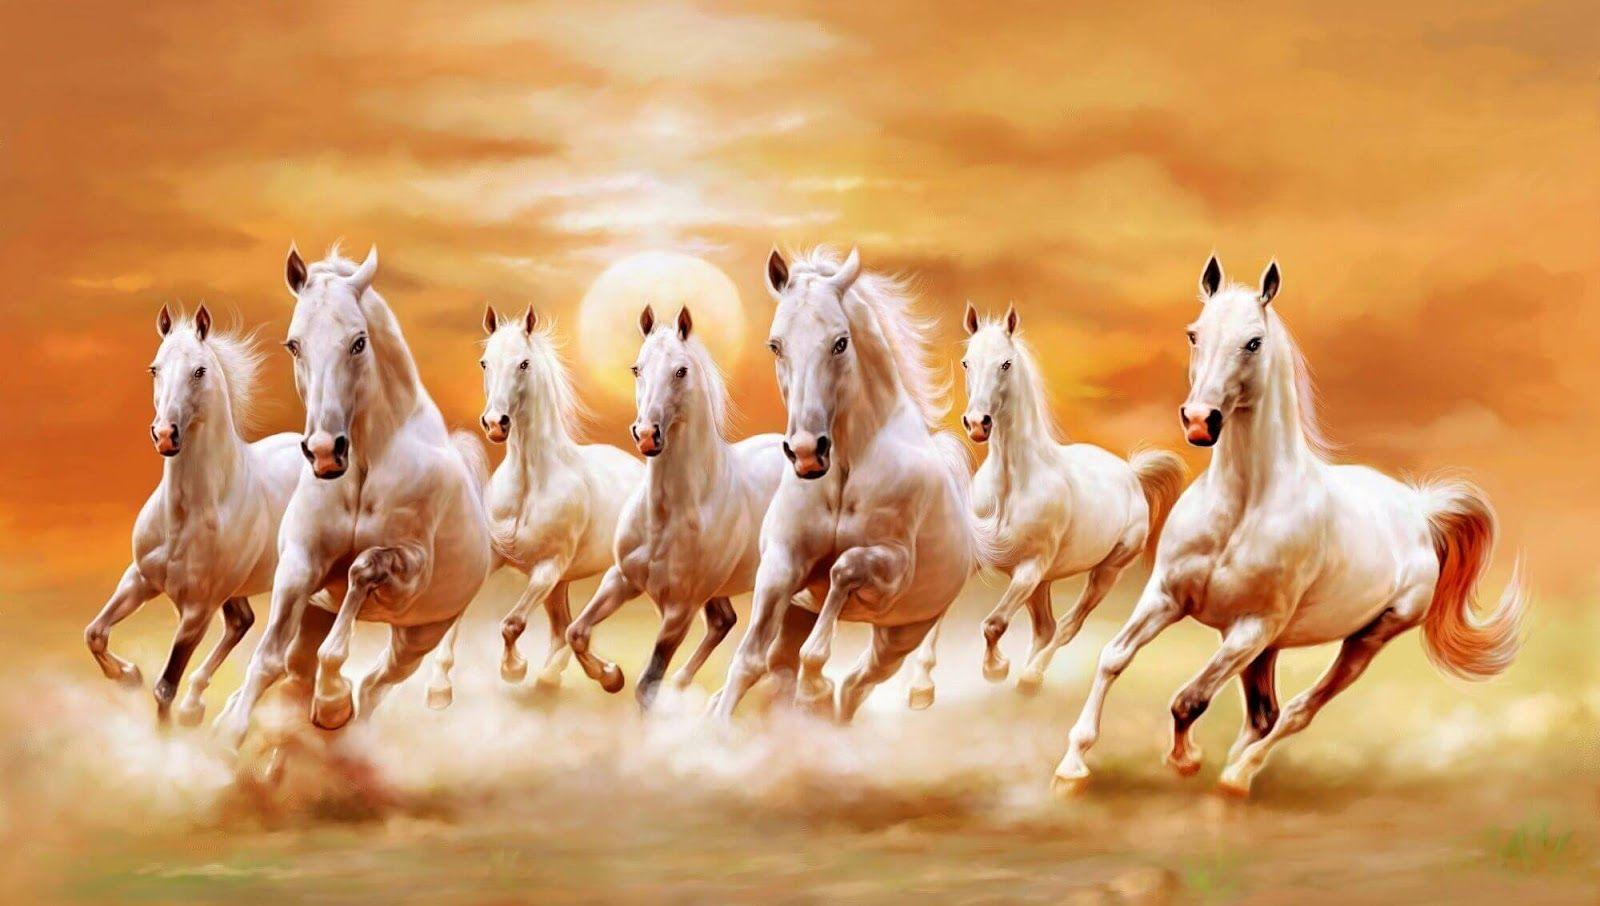 7 White Horse Wallpaper Jpg 1 600 906 Pixels Seven Horses Painting Horse Wallpaper White Horse Painting